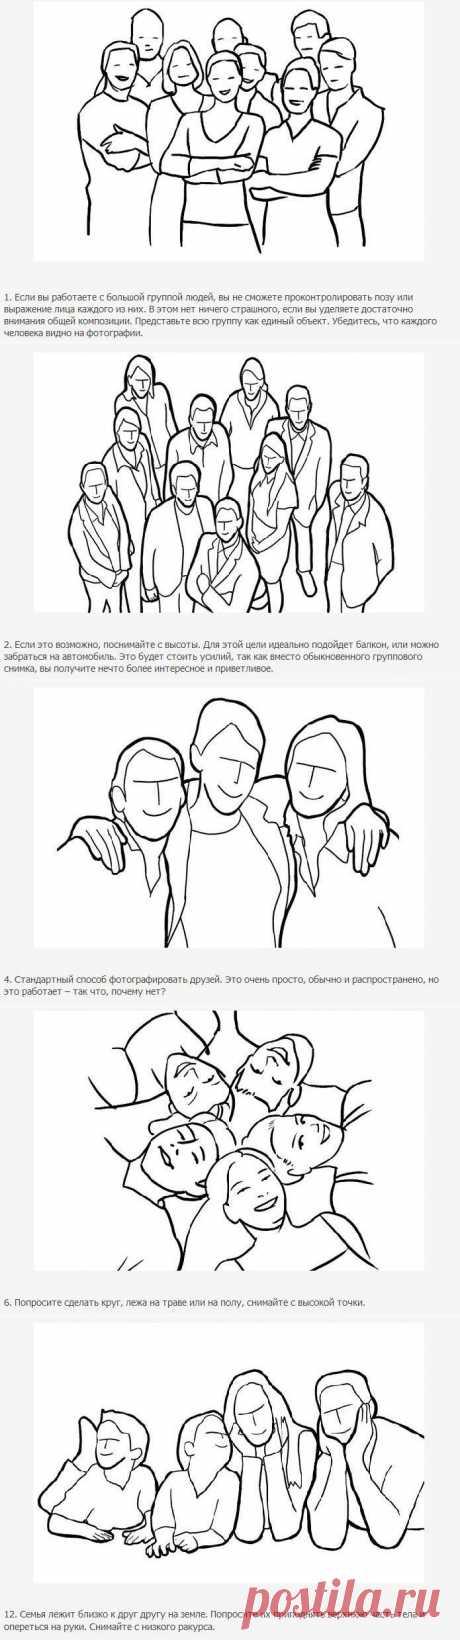 Как правильно делать групповые снимки.